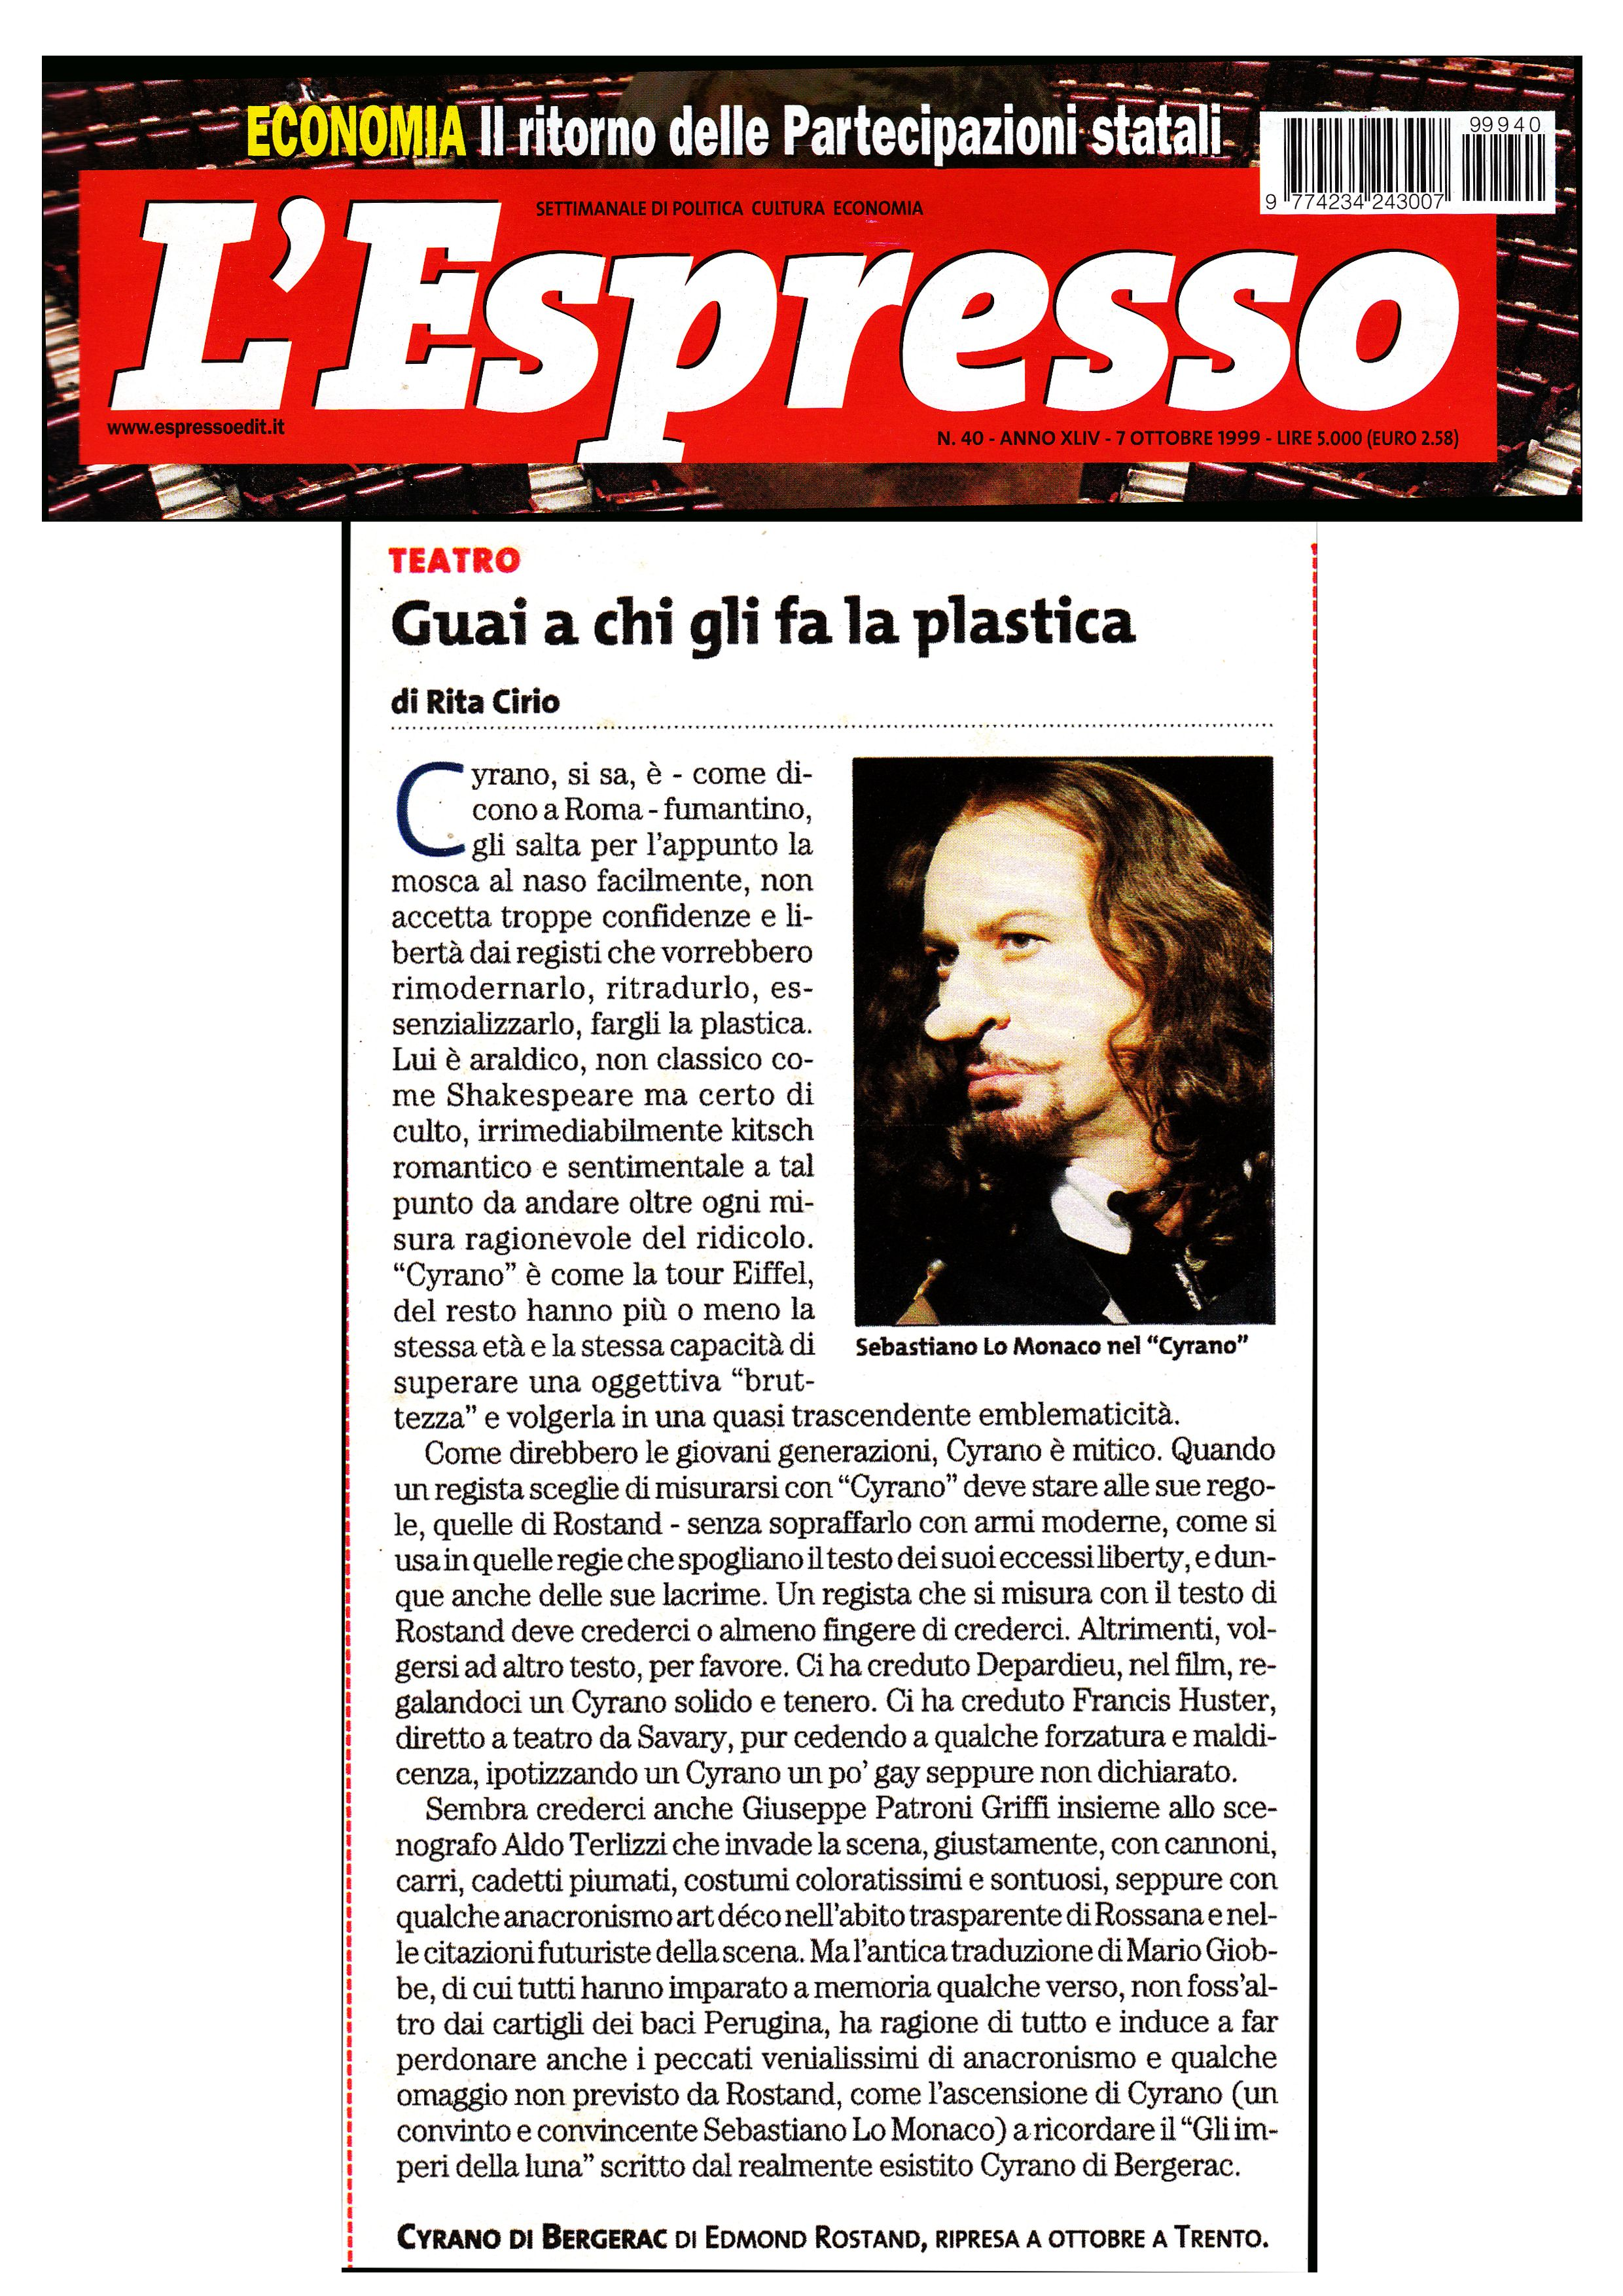 7 ottobre 1999 - Rita Cirio su Cirano di Bergerac, regia di Giuseppe Patroni Griffi con Sebastiano Lo Monaco